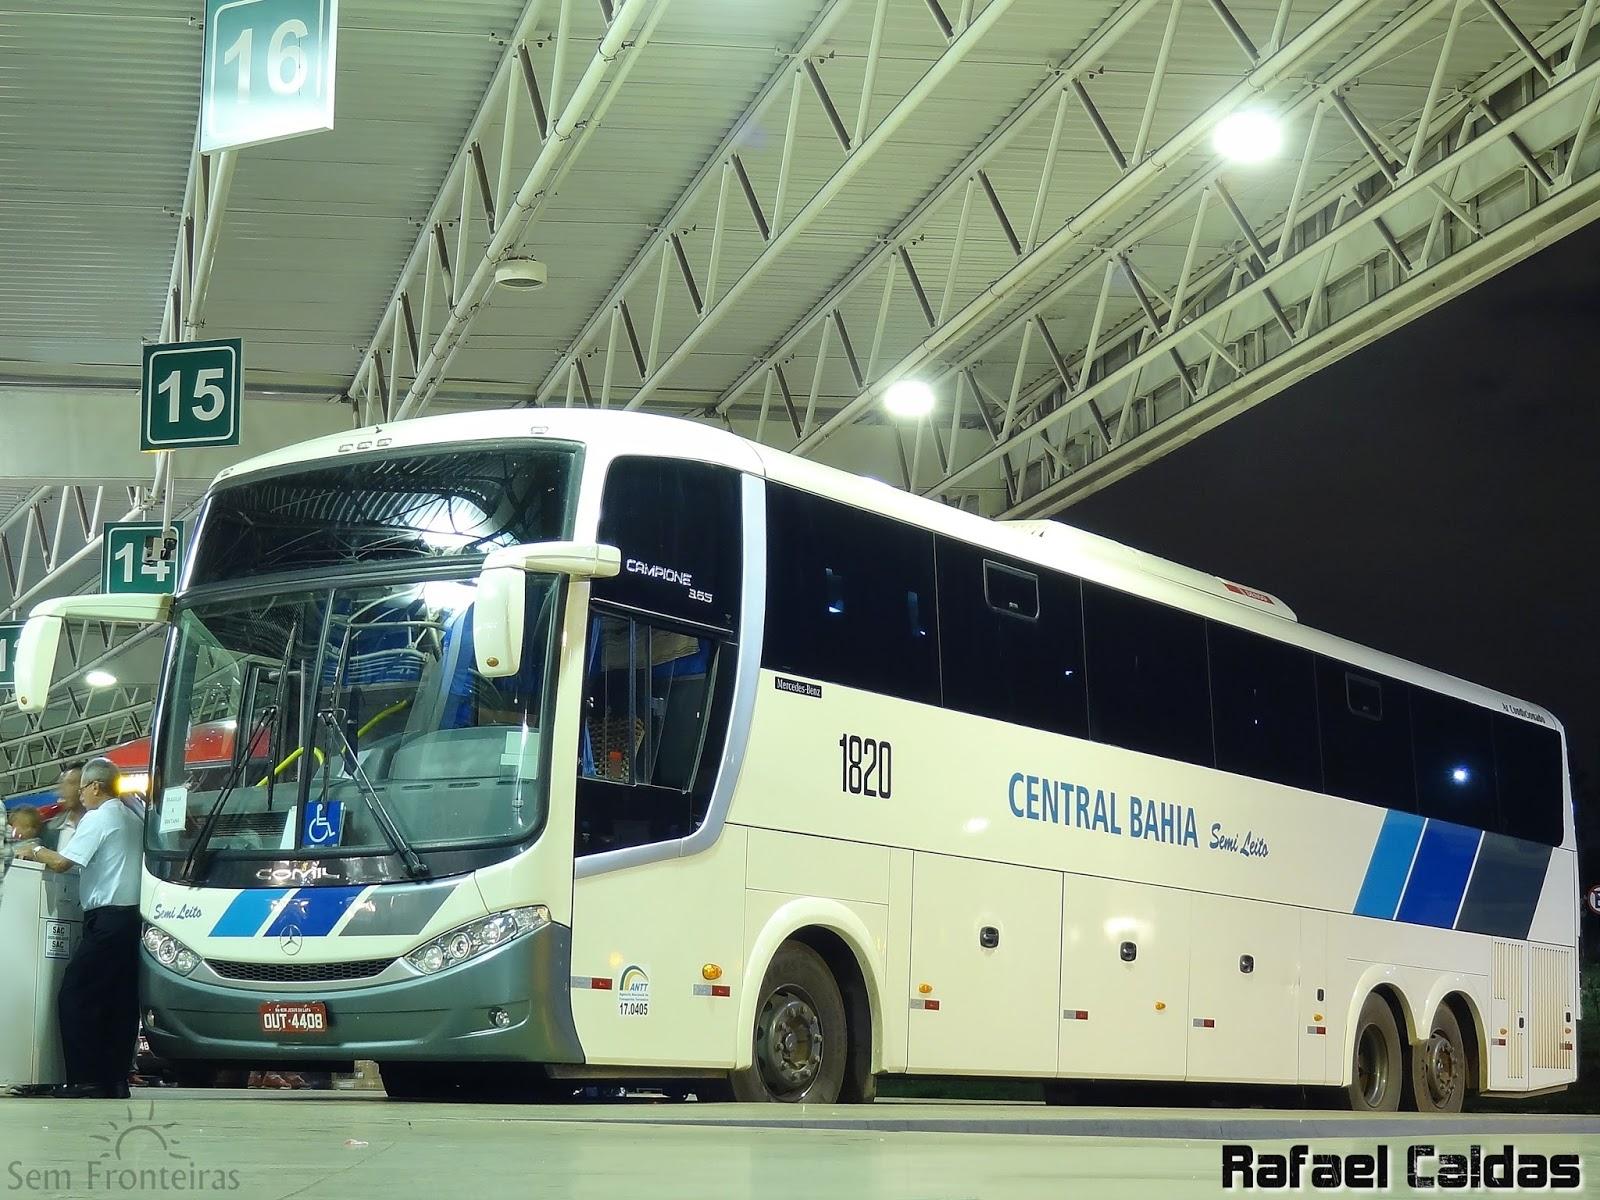 Central Bahia - 1820 1d322d8e974